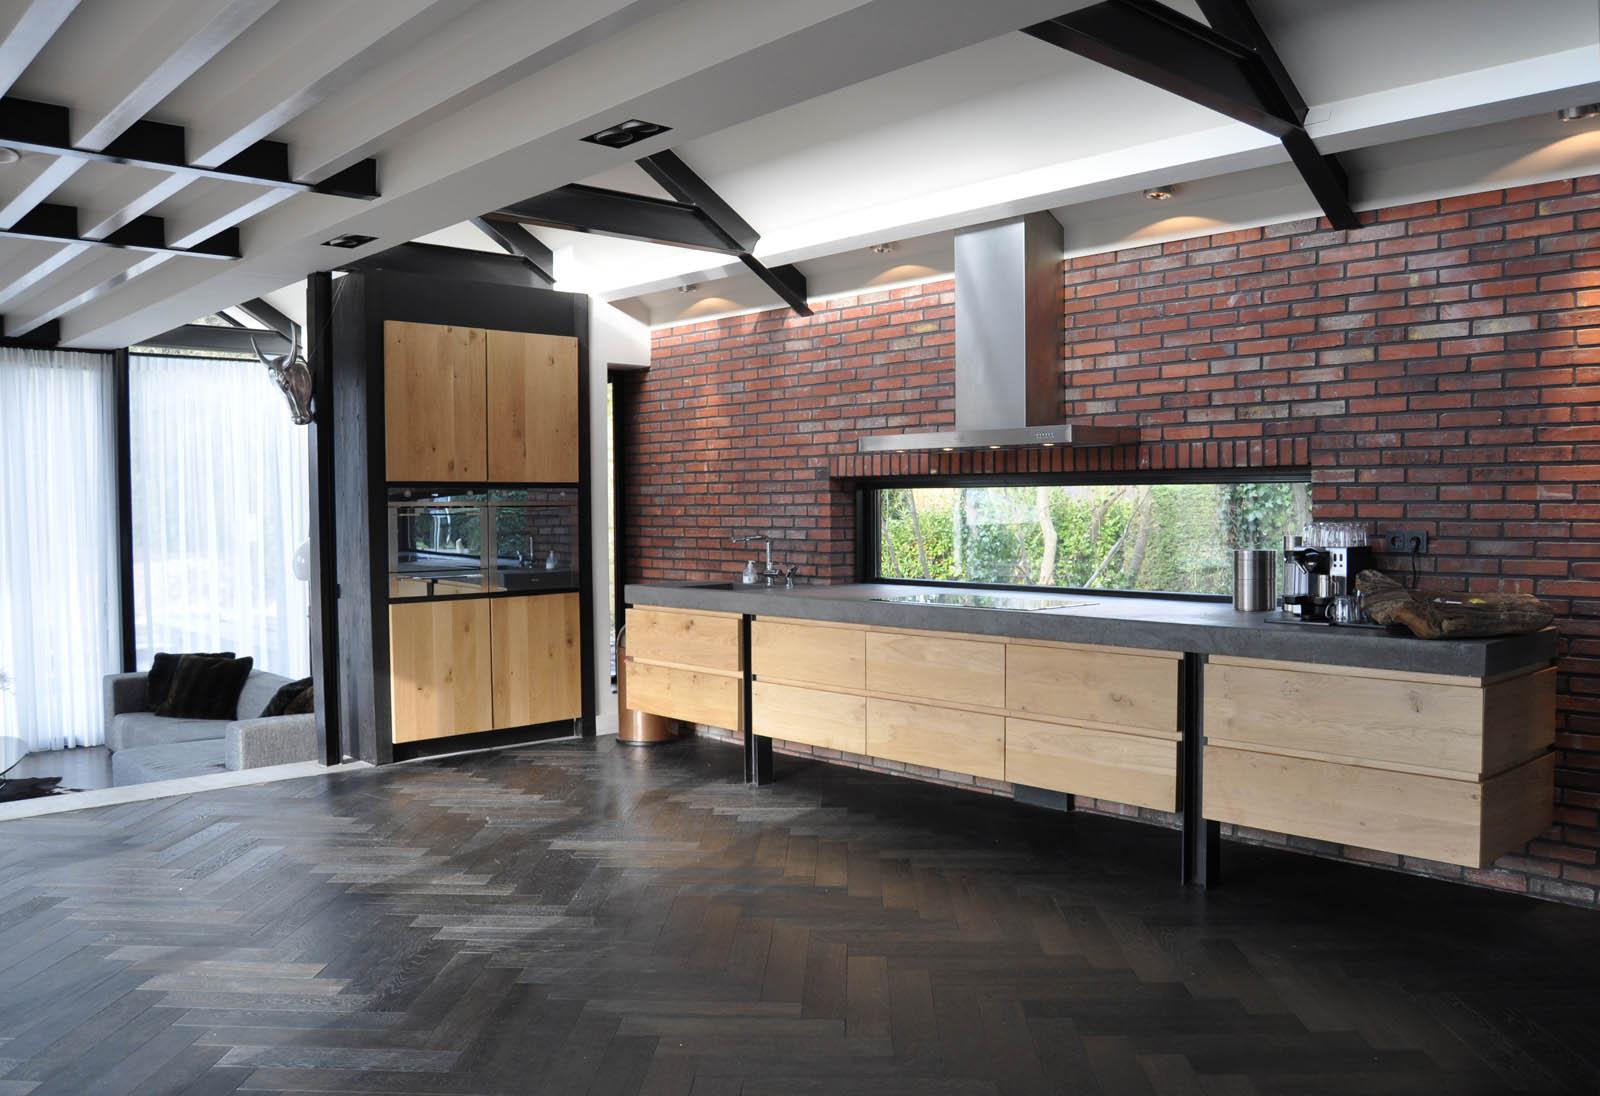 Kitchen, Villa Heiloo, by Jeroen de Nijs